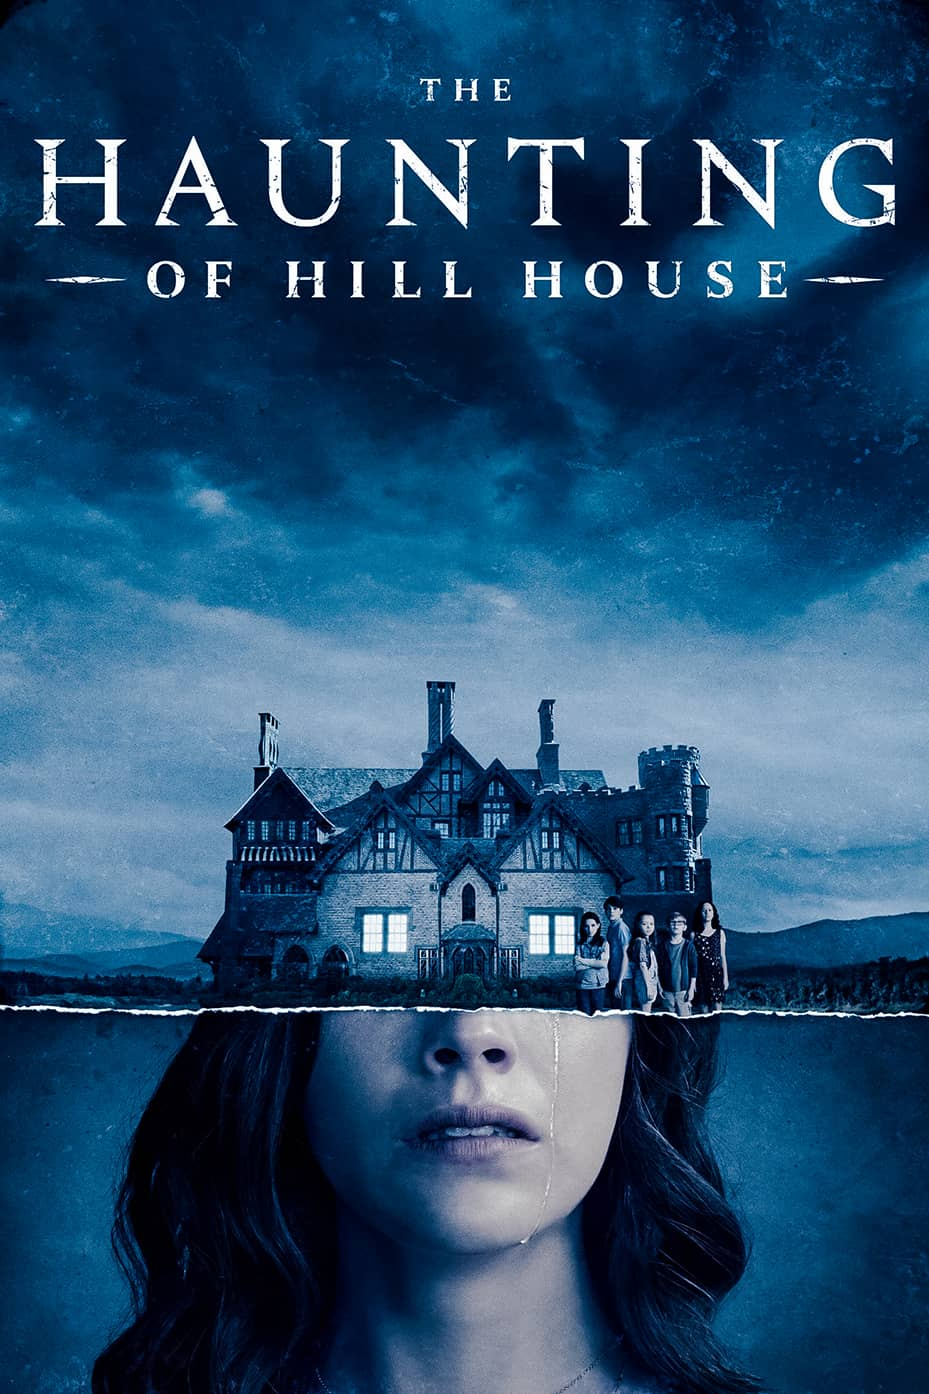 مسلسل The Haunting of Hill House الموسم الاول الحلقة 10 العاشرة والاخيرة مترجمة